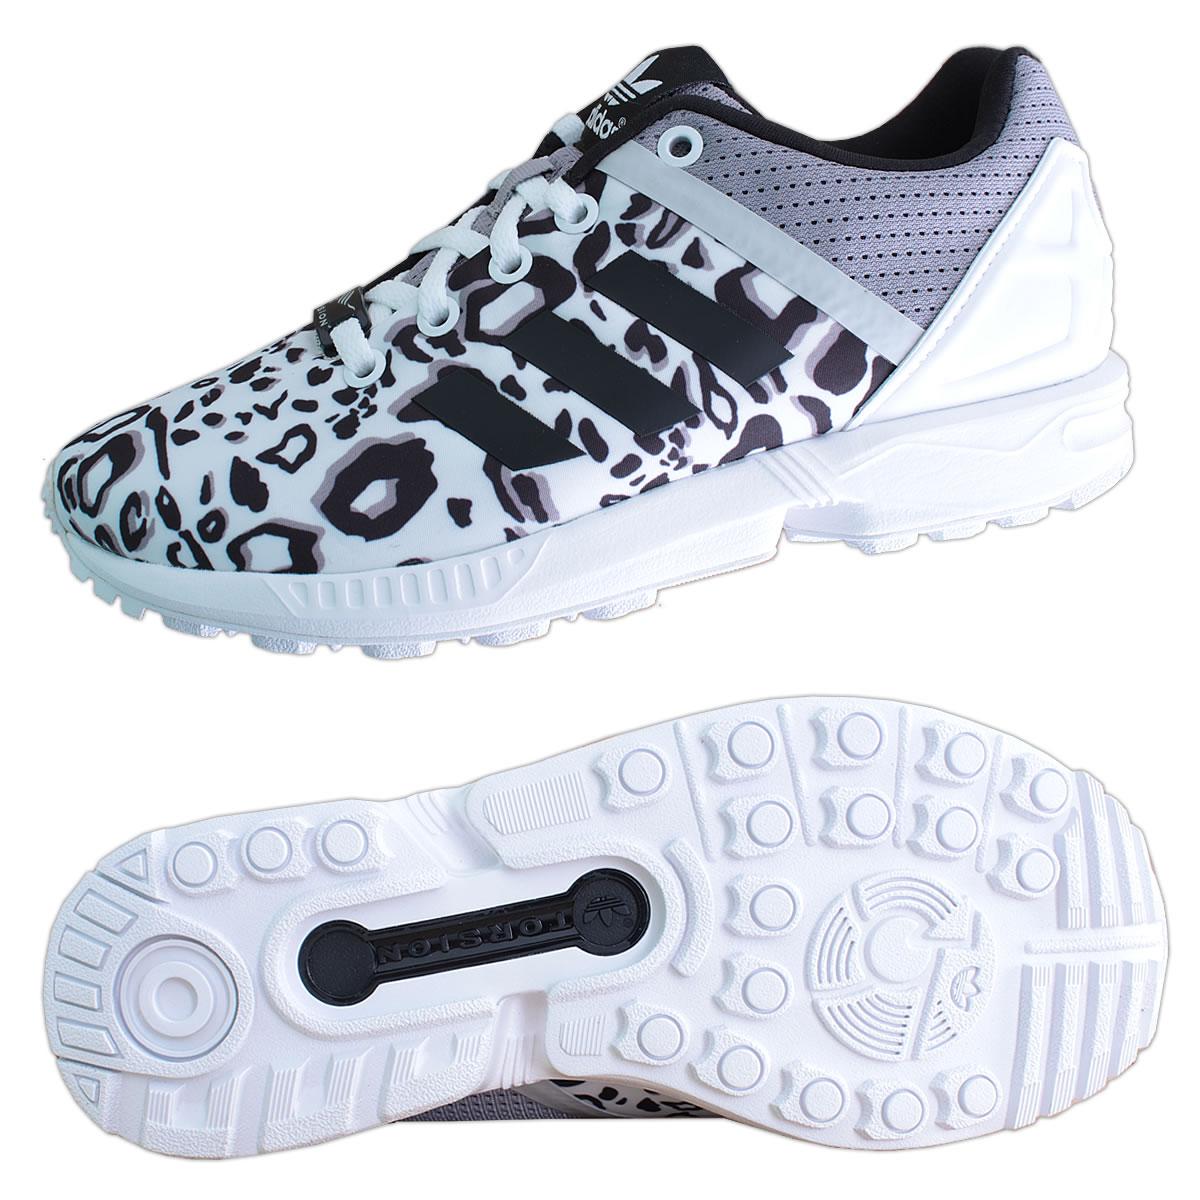 Adidas Schuhe Blumen eBay Kleinanzeigen